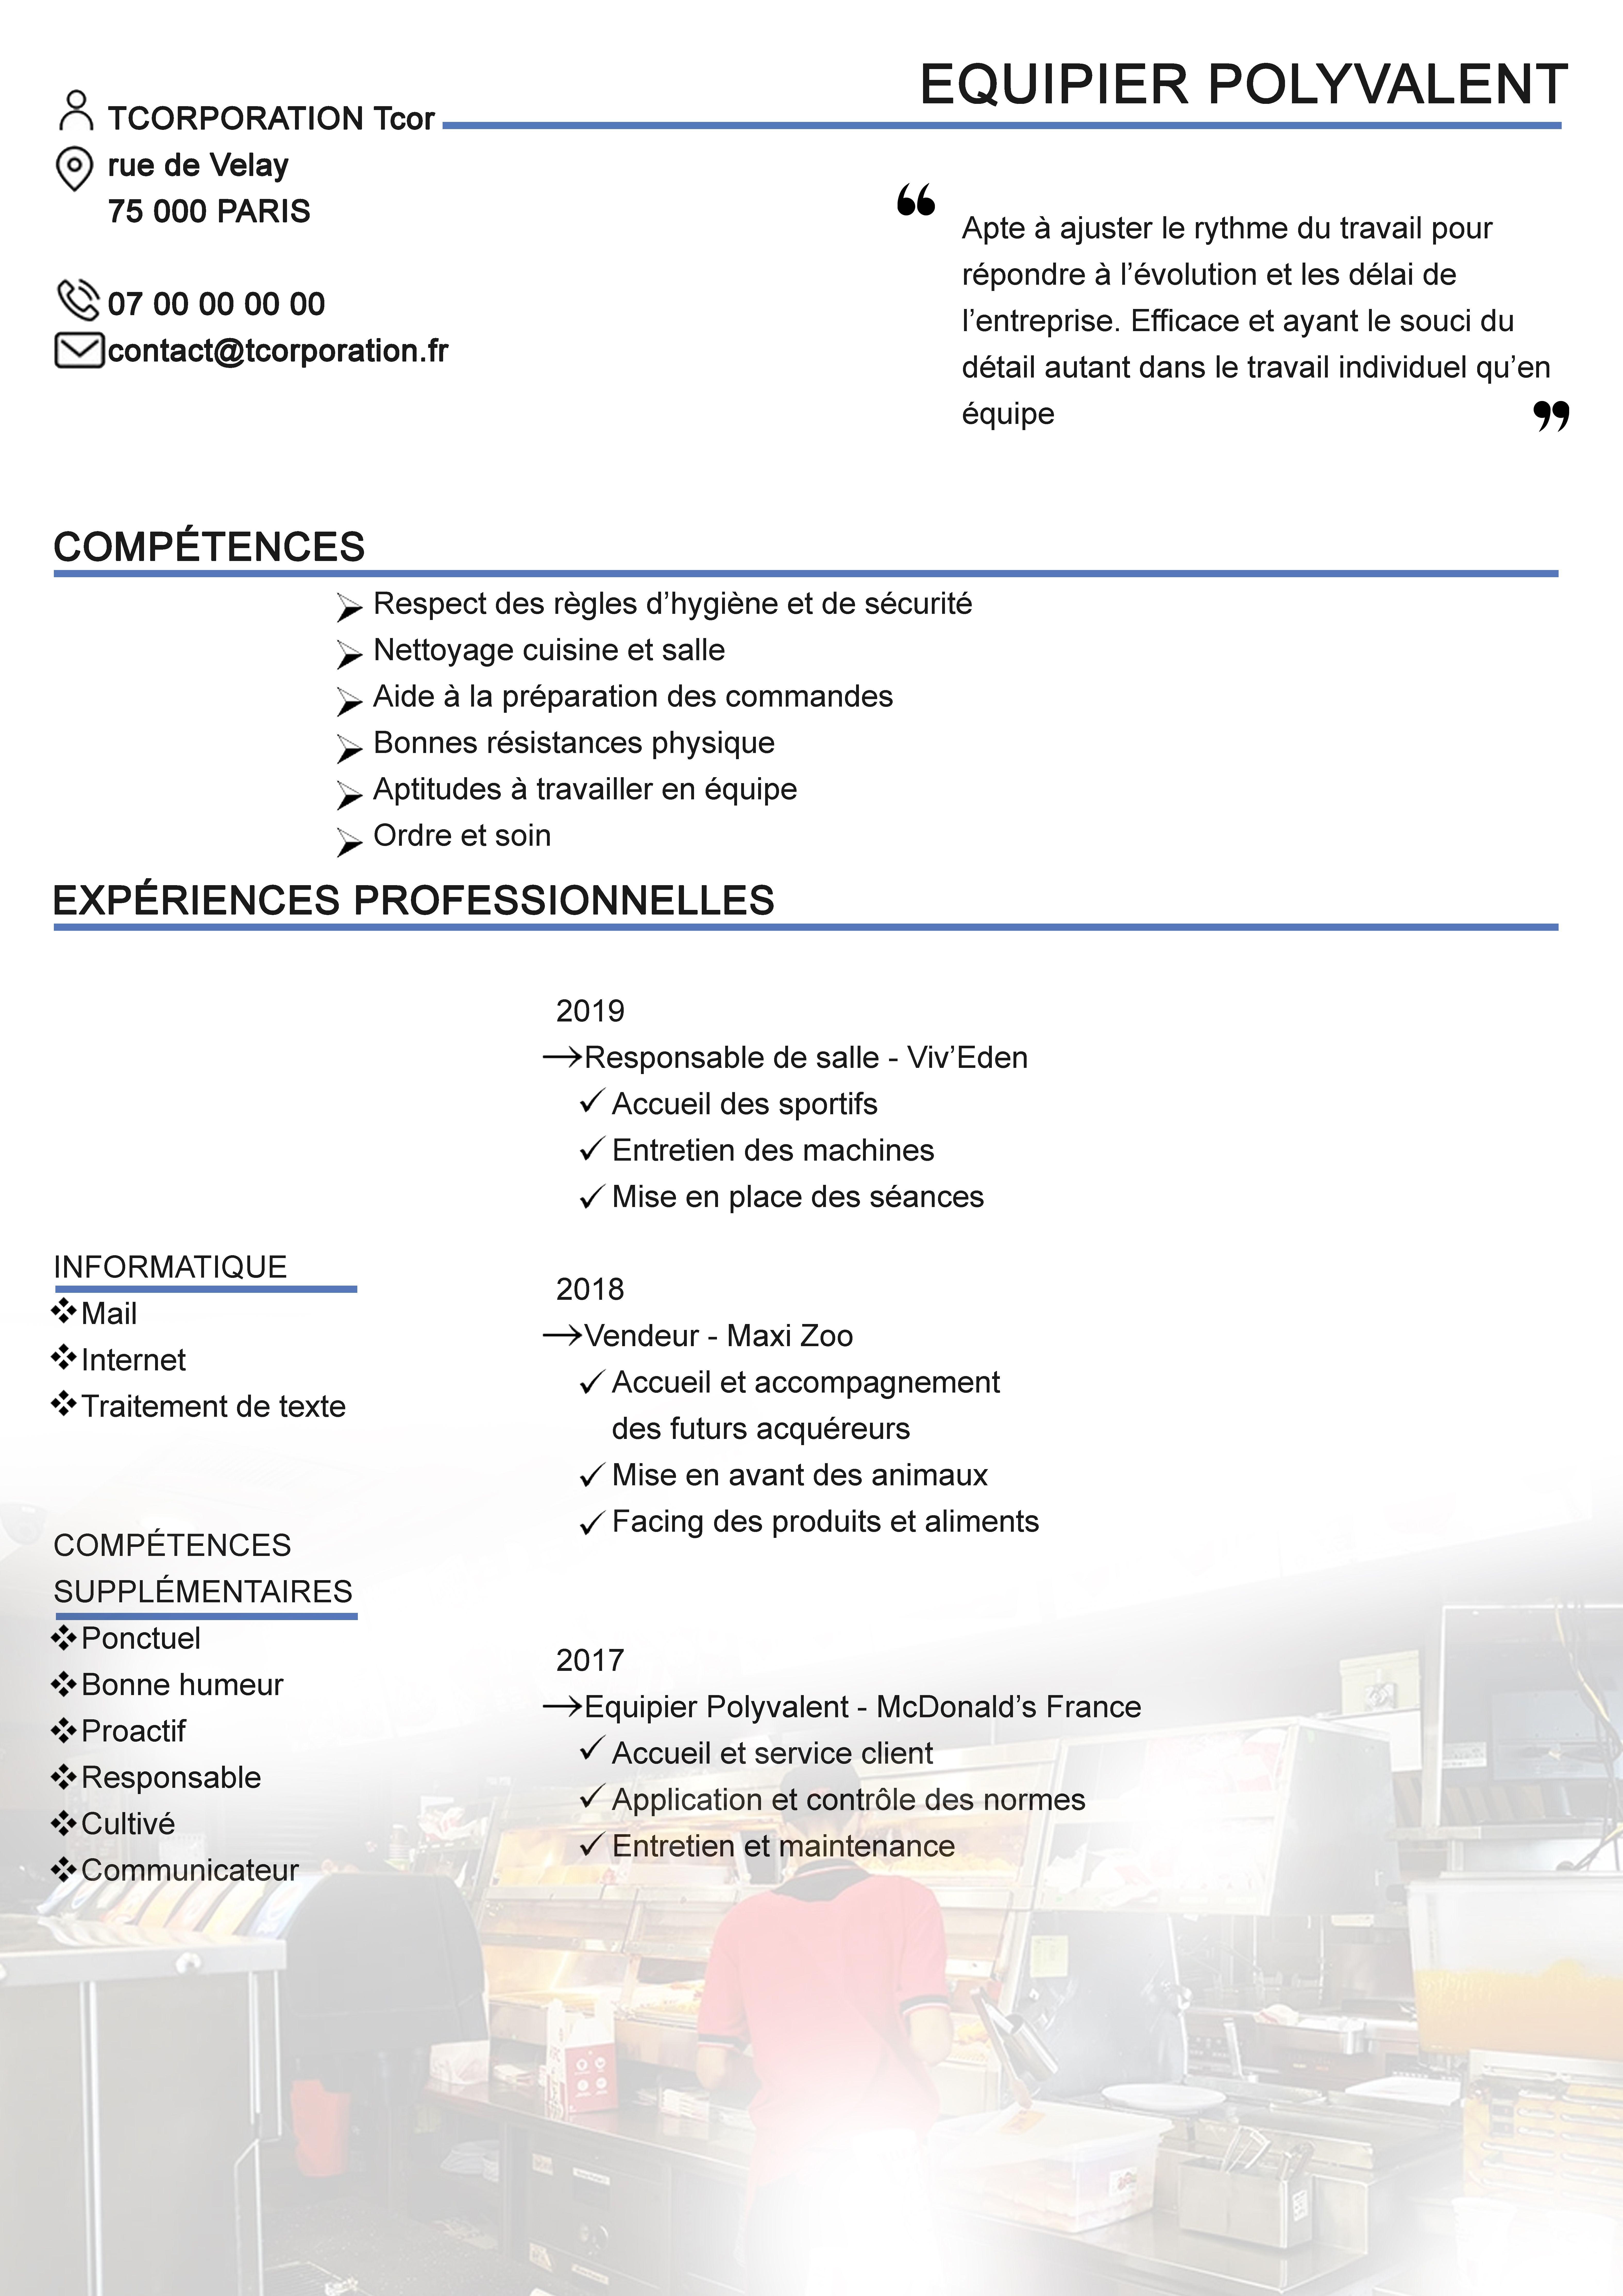 Equipier Polyvalent Cv Experiences Professionnelles Formations Competences Cv Simple Competences Travail Individuel